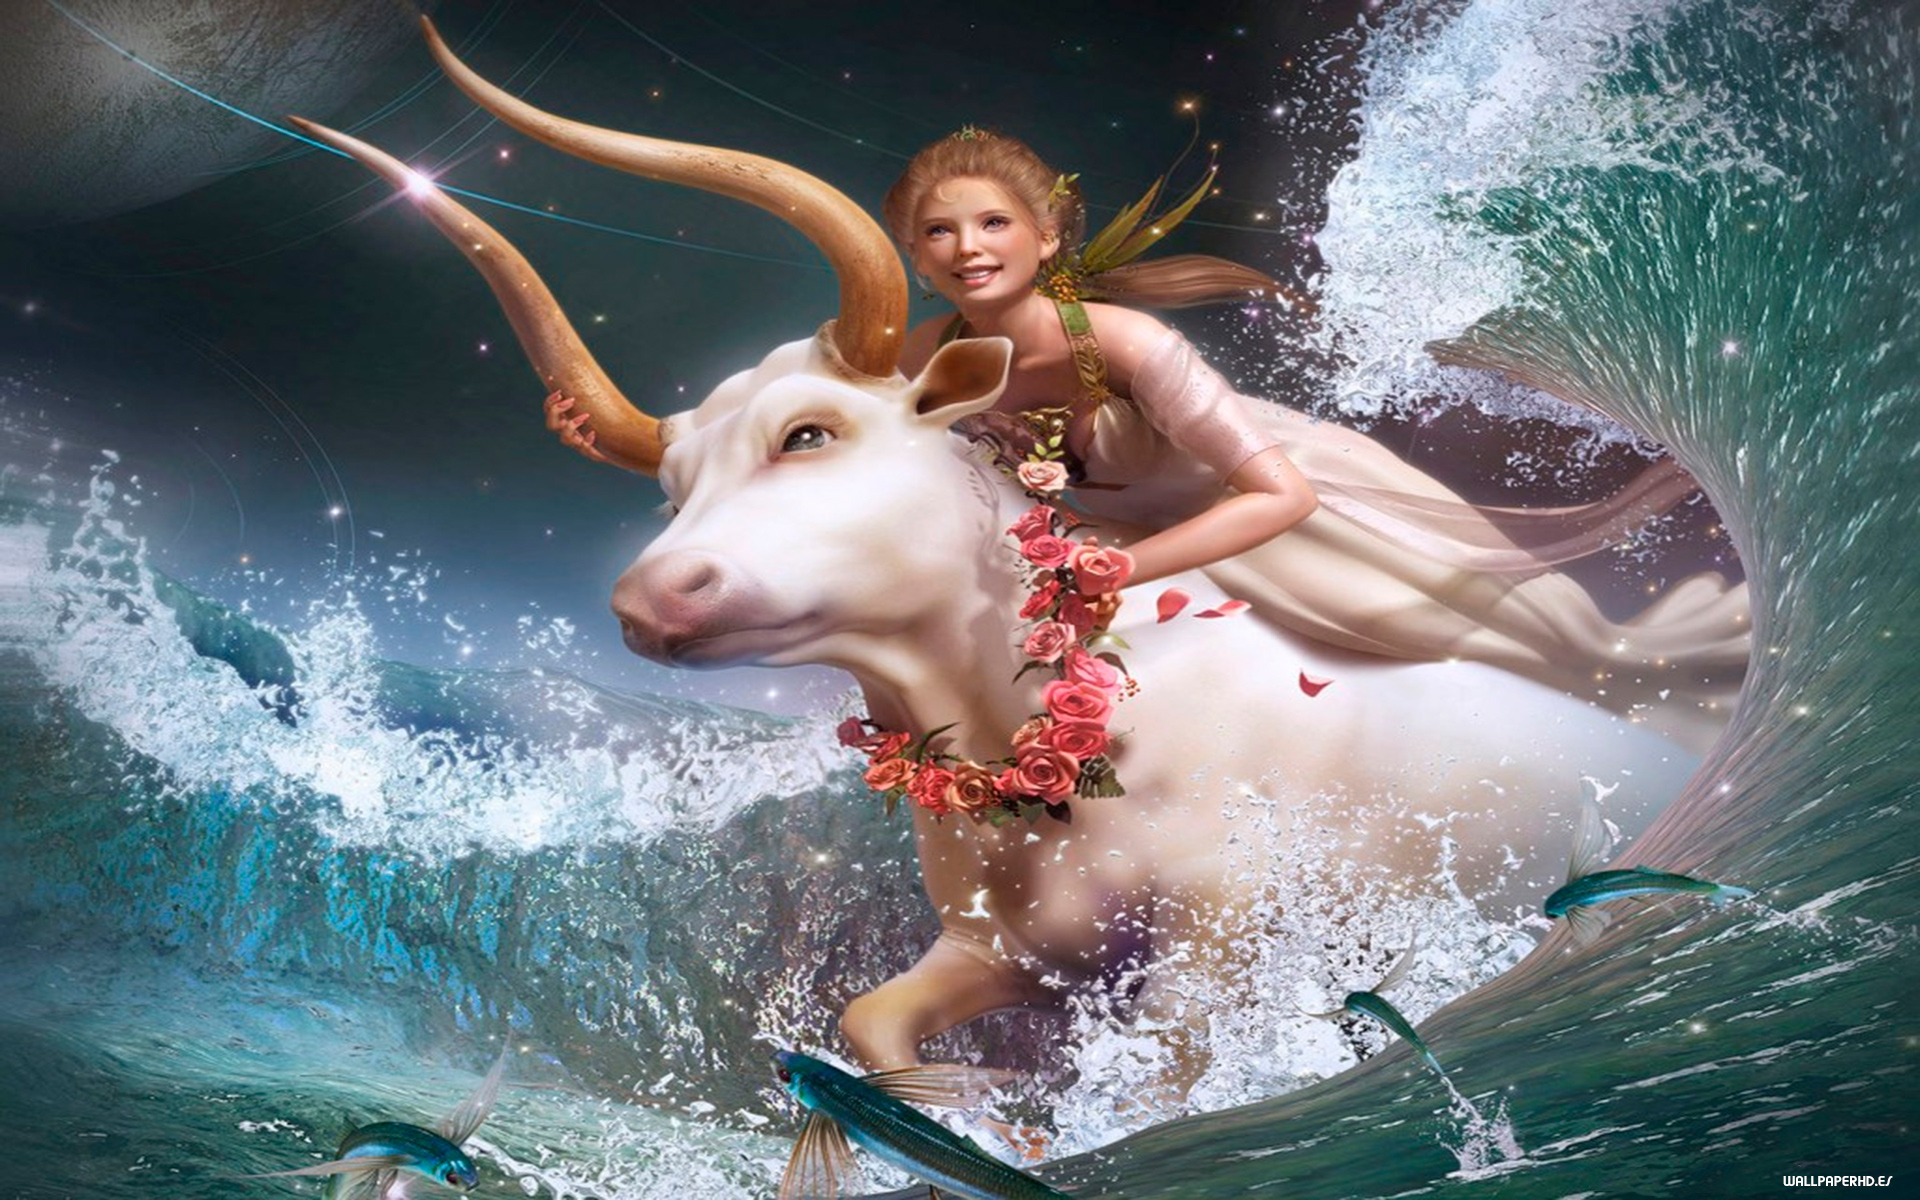 wallpaper hd de fantasia con una hada subida en toro blanco